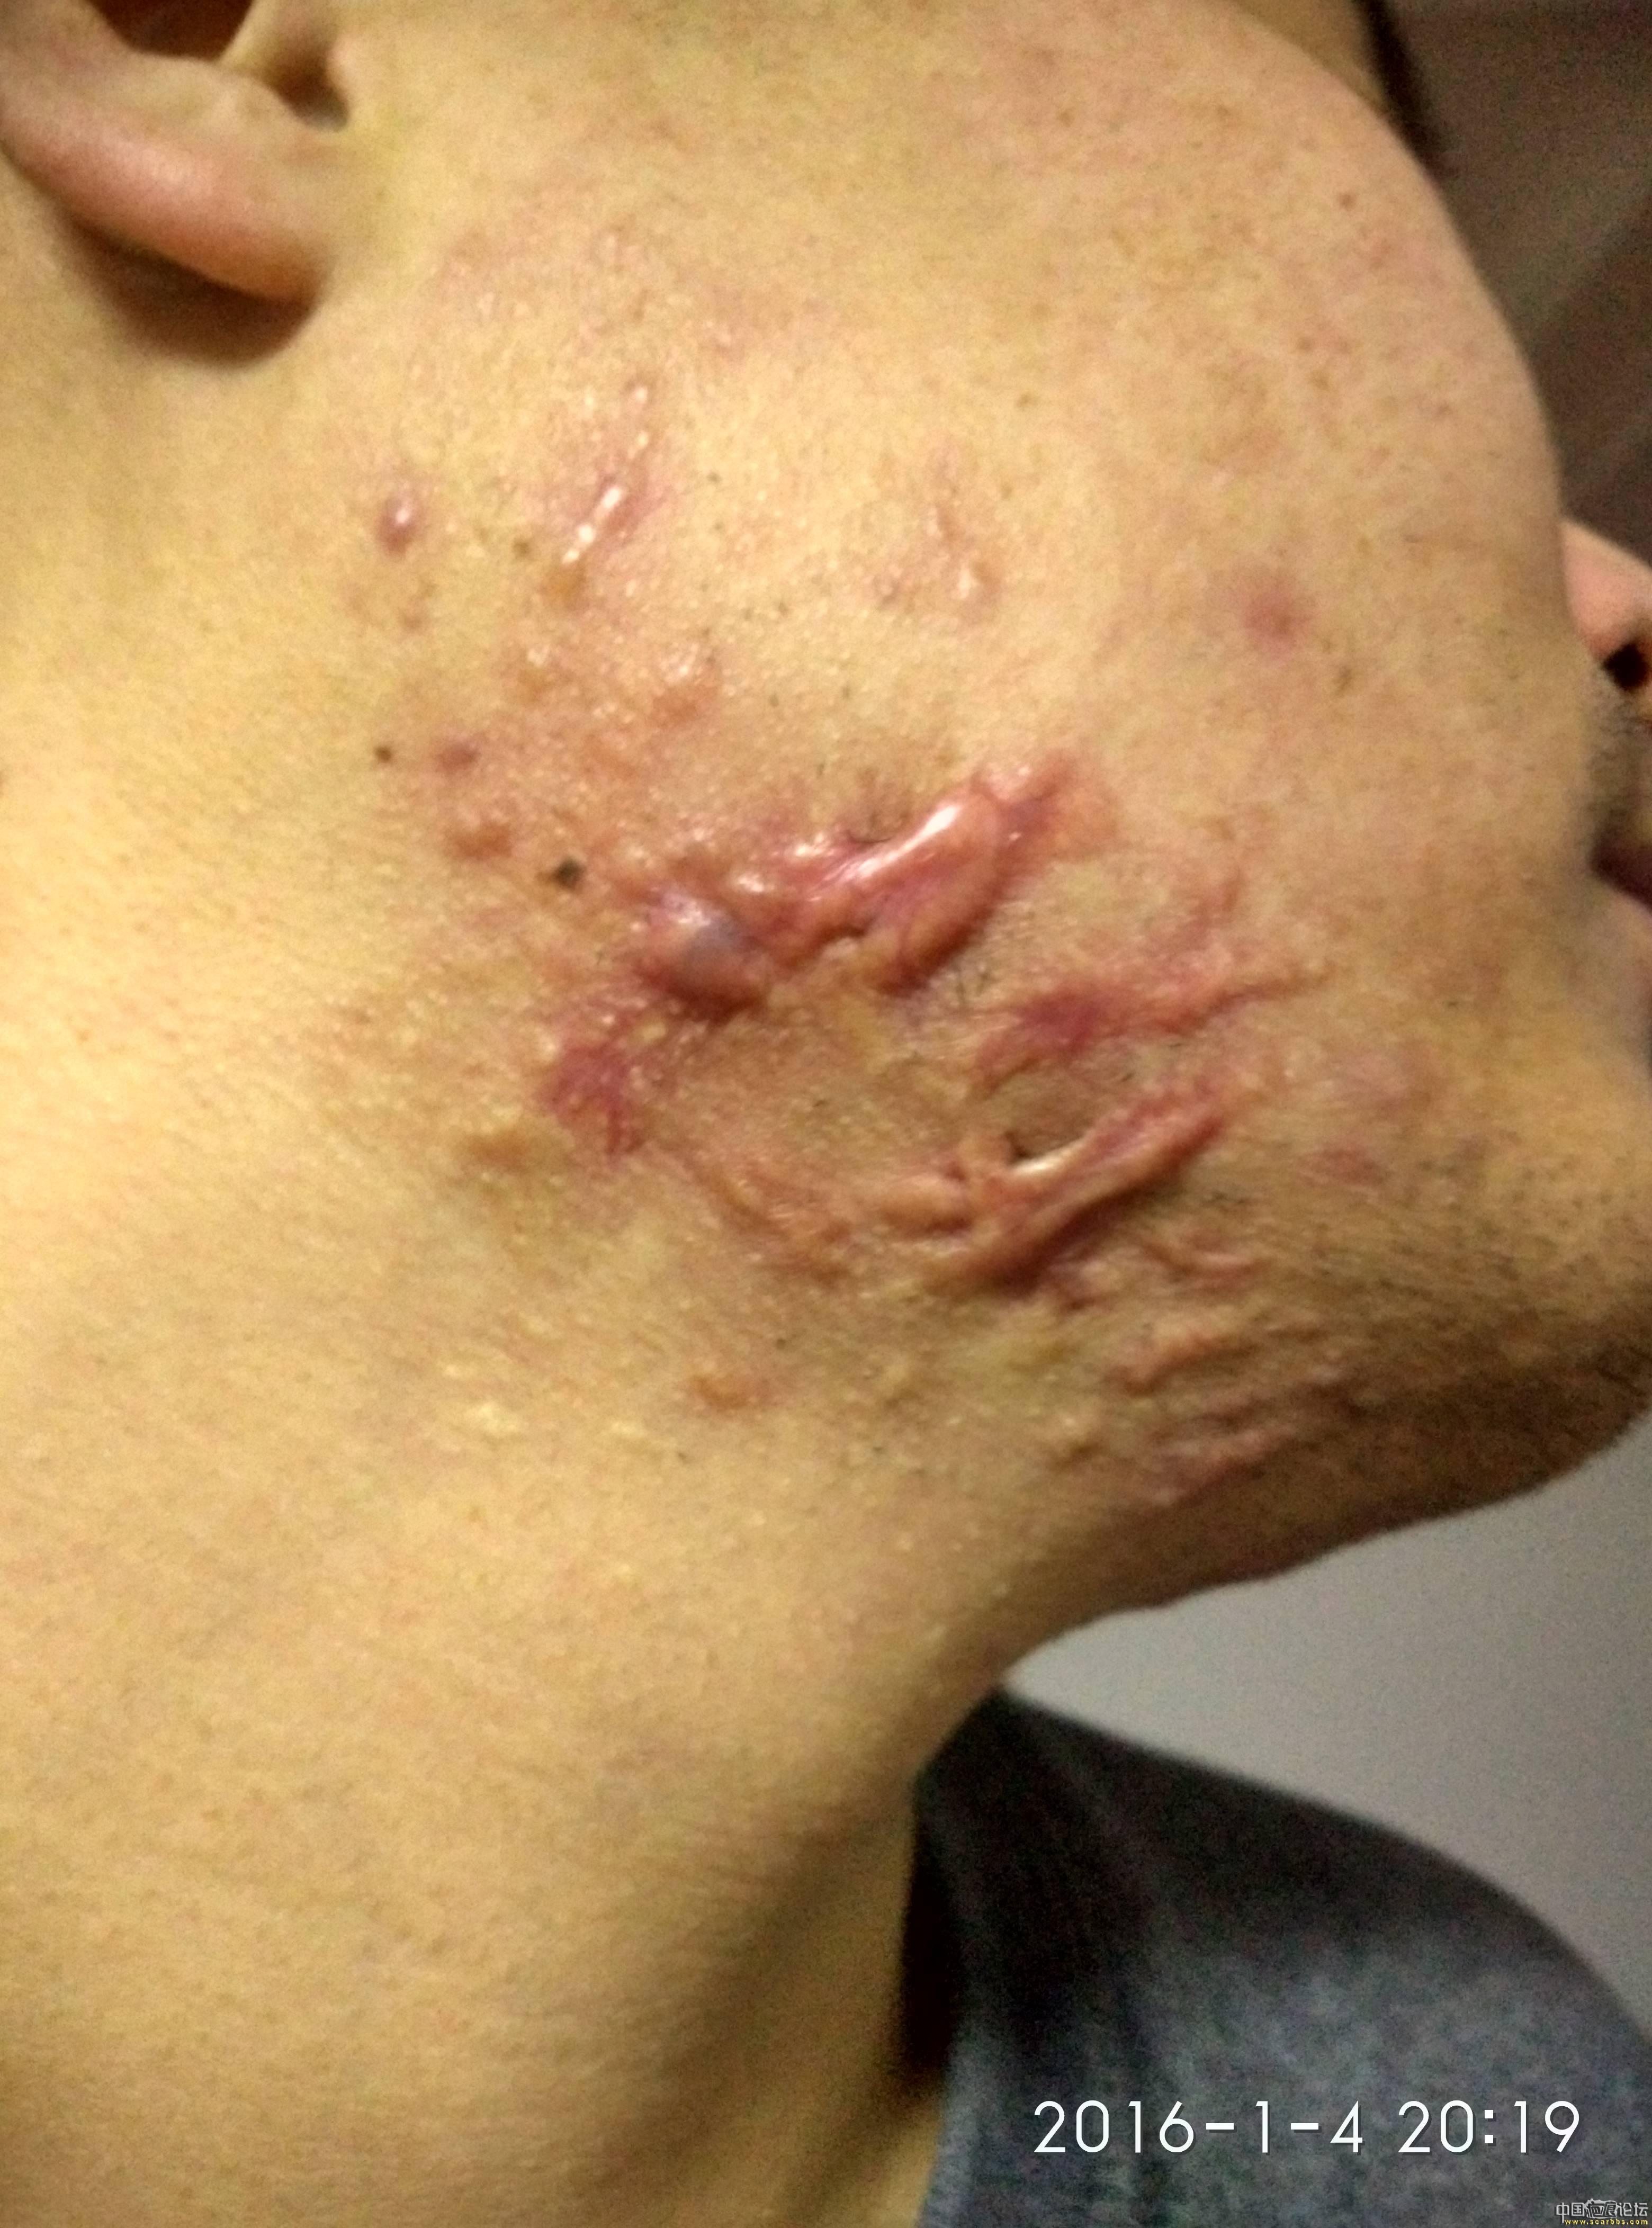 陪伴4年的腮部疤痕疙瘩治疗效果分享48-疤痕体质图片_疤痕疙瘩图片-中国疤痕论坛